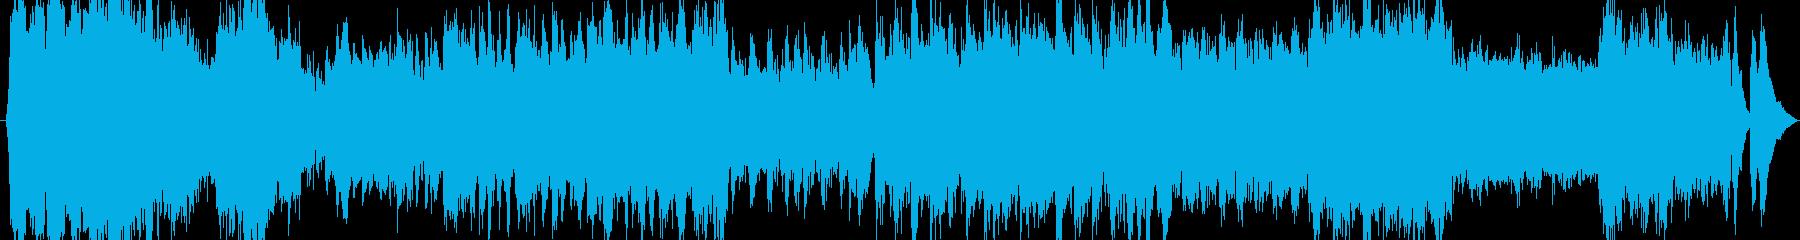 戦地への行進(オーケストラとコーラス隊)の再生済みの波形